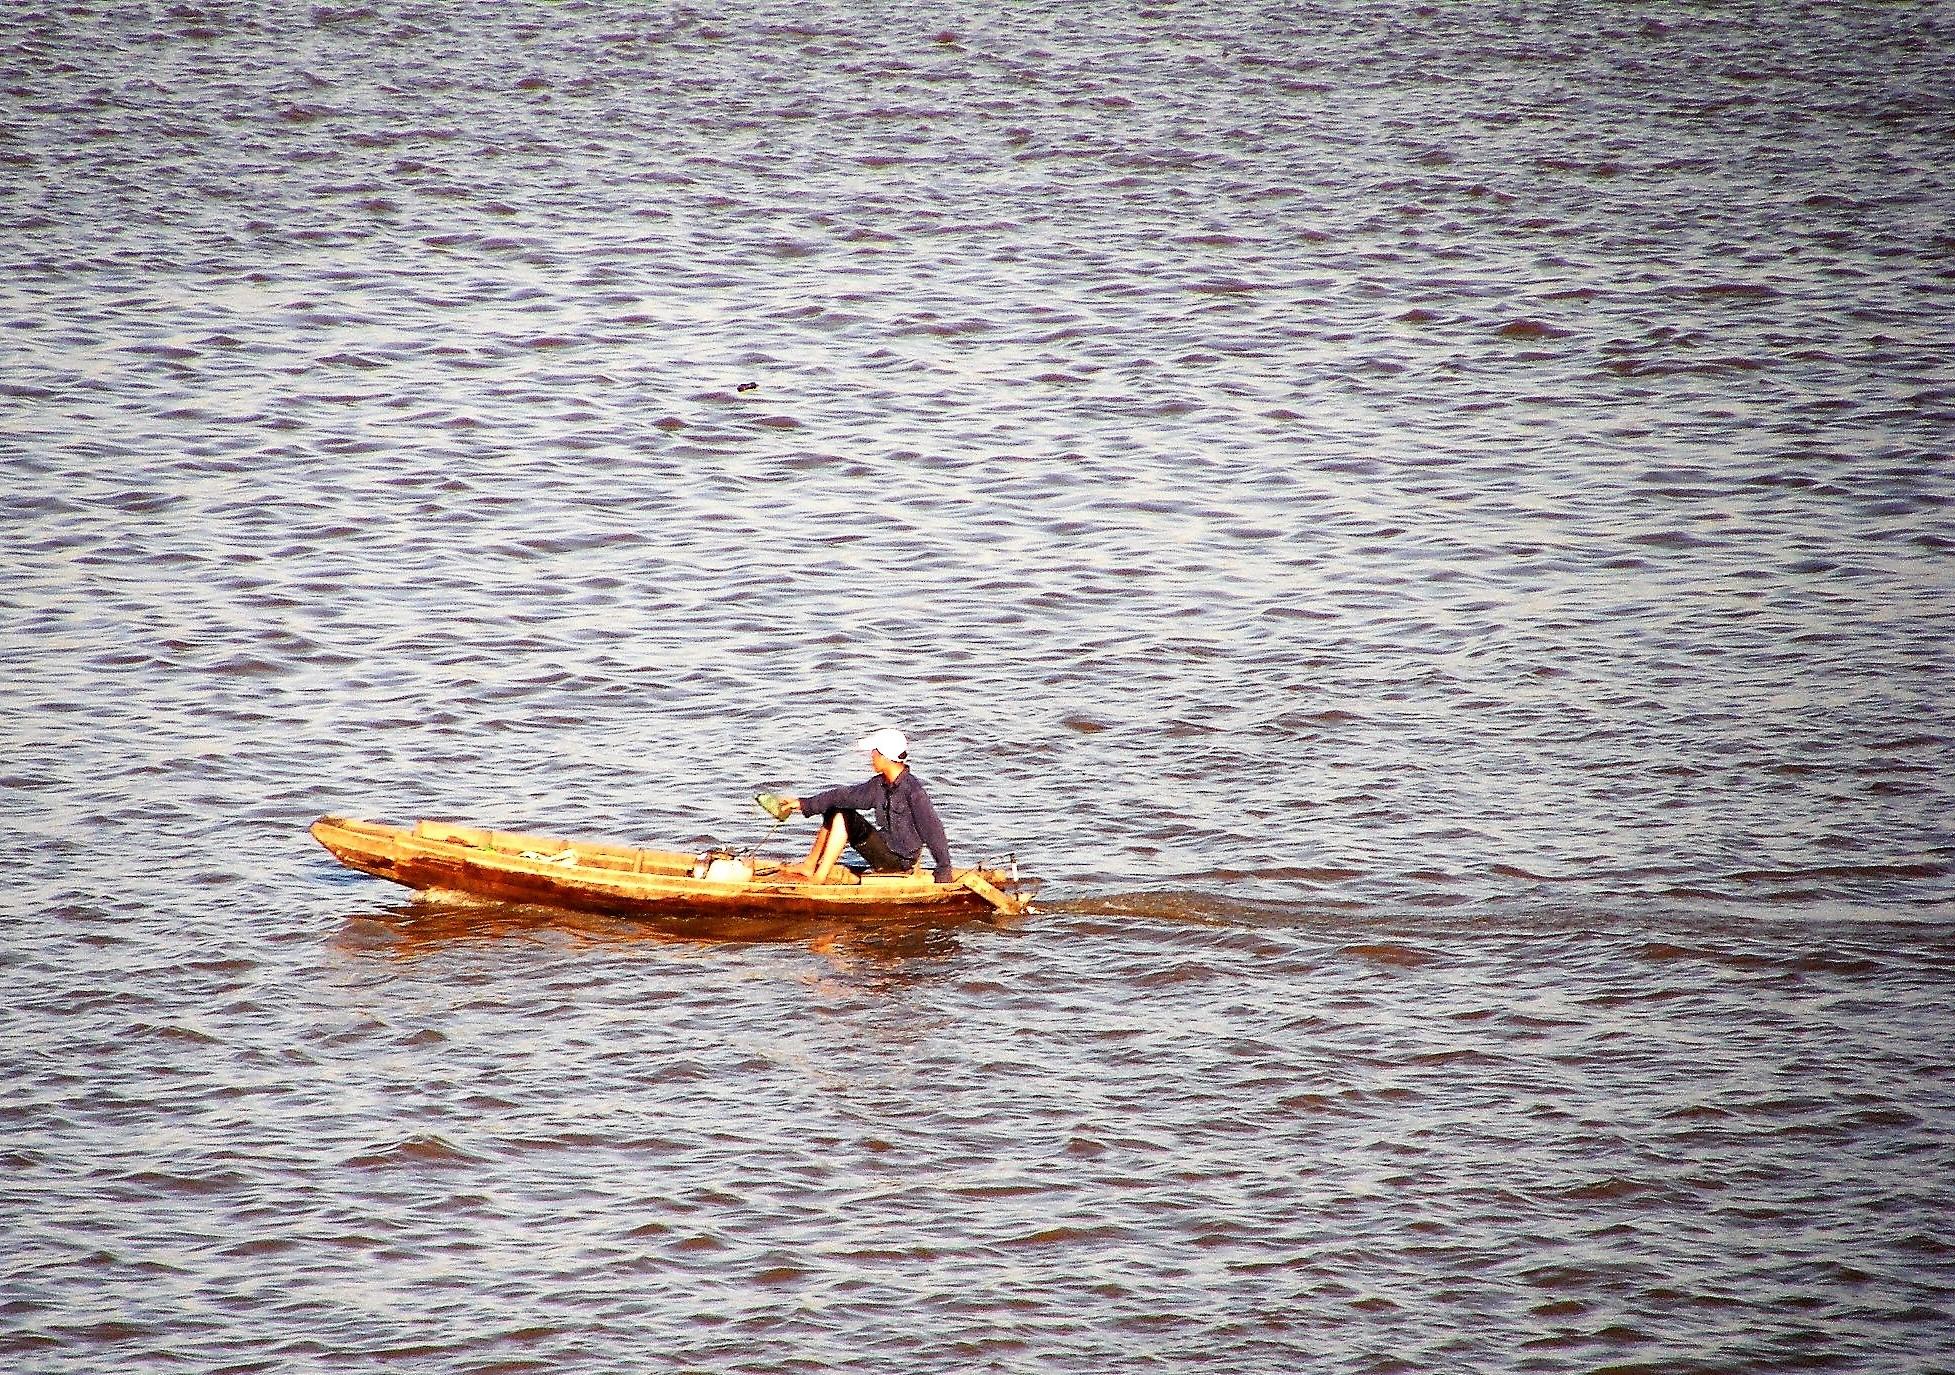 BoatOnRiver.jpg